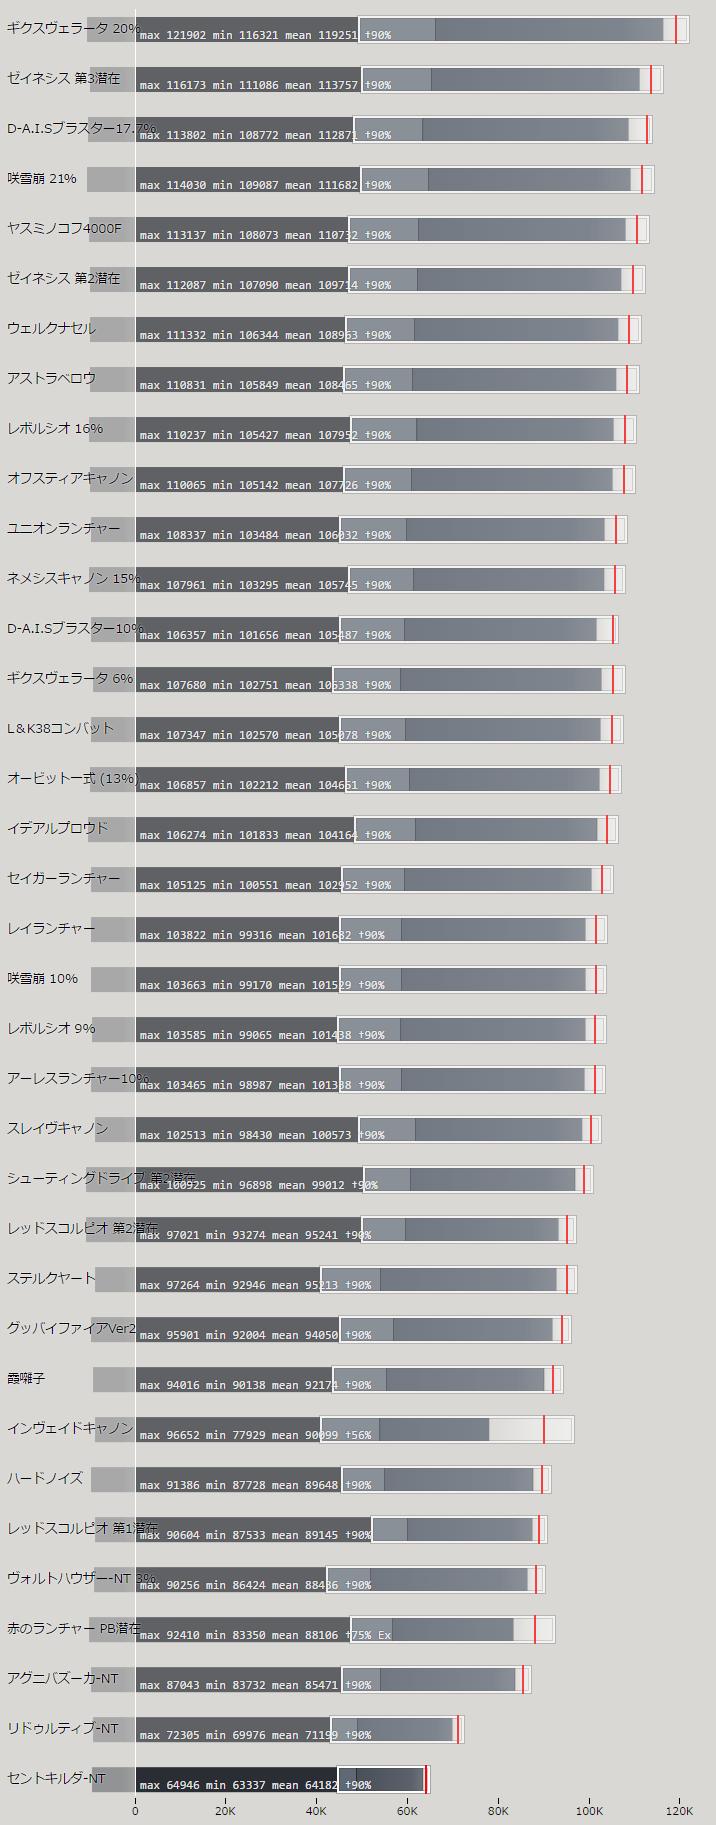 ランチャーの火力比較ランキング表